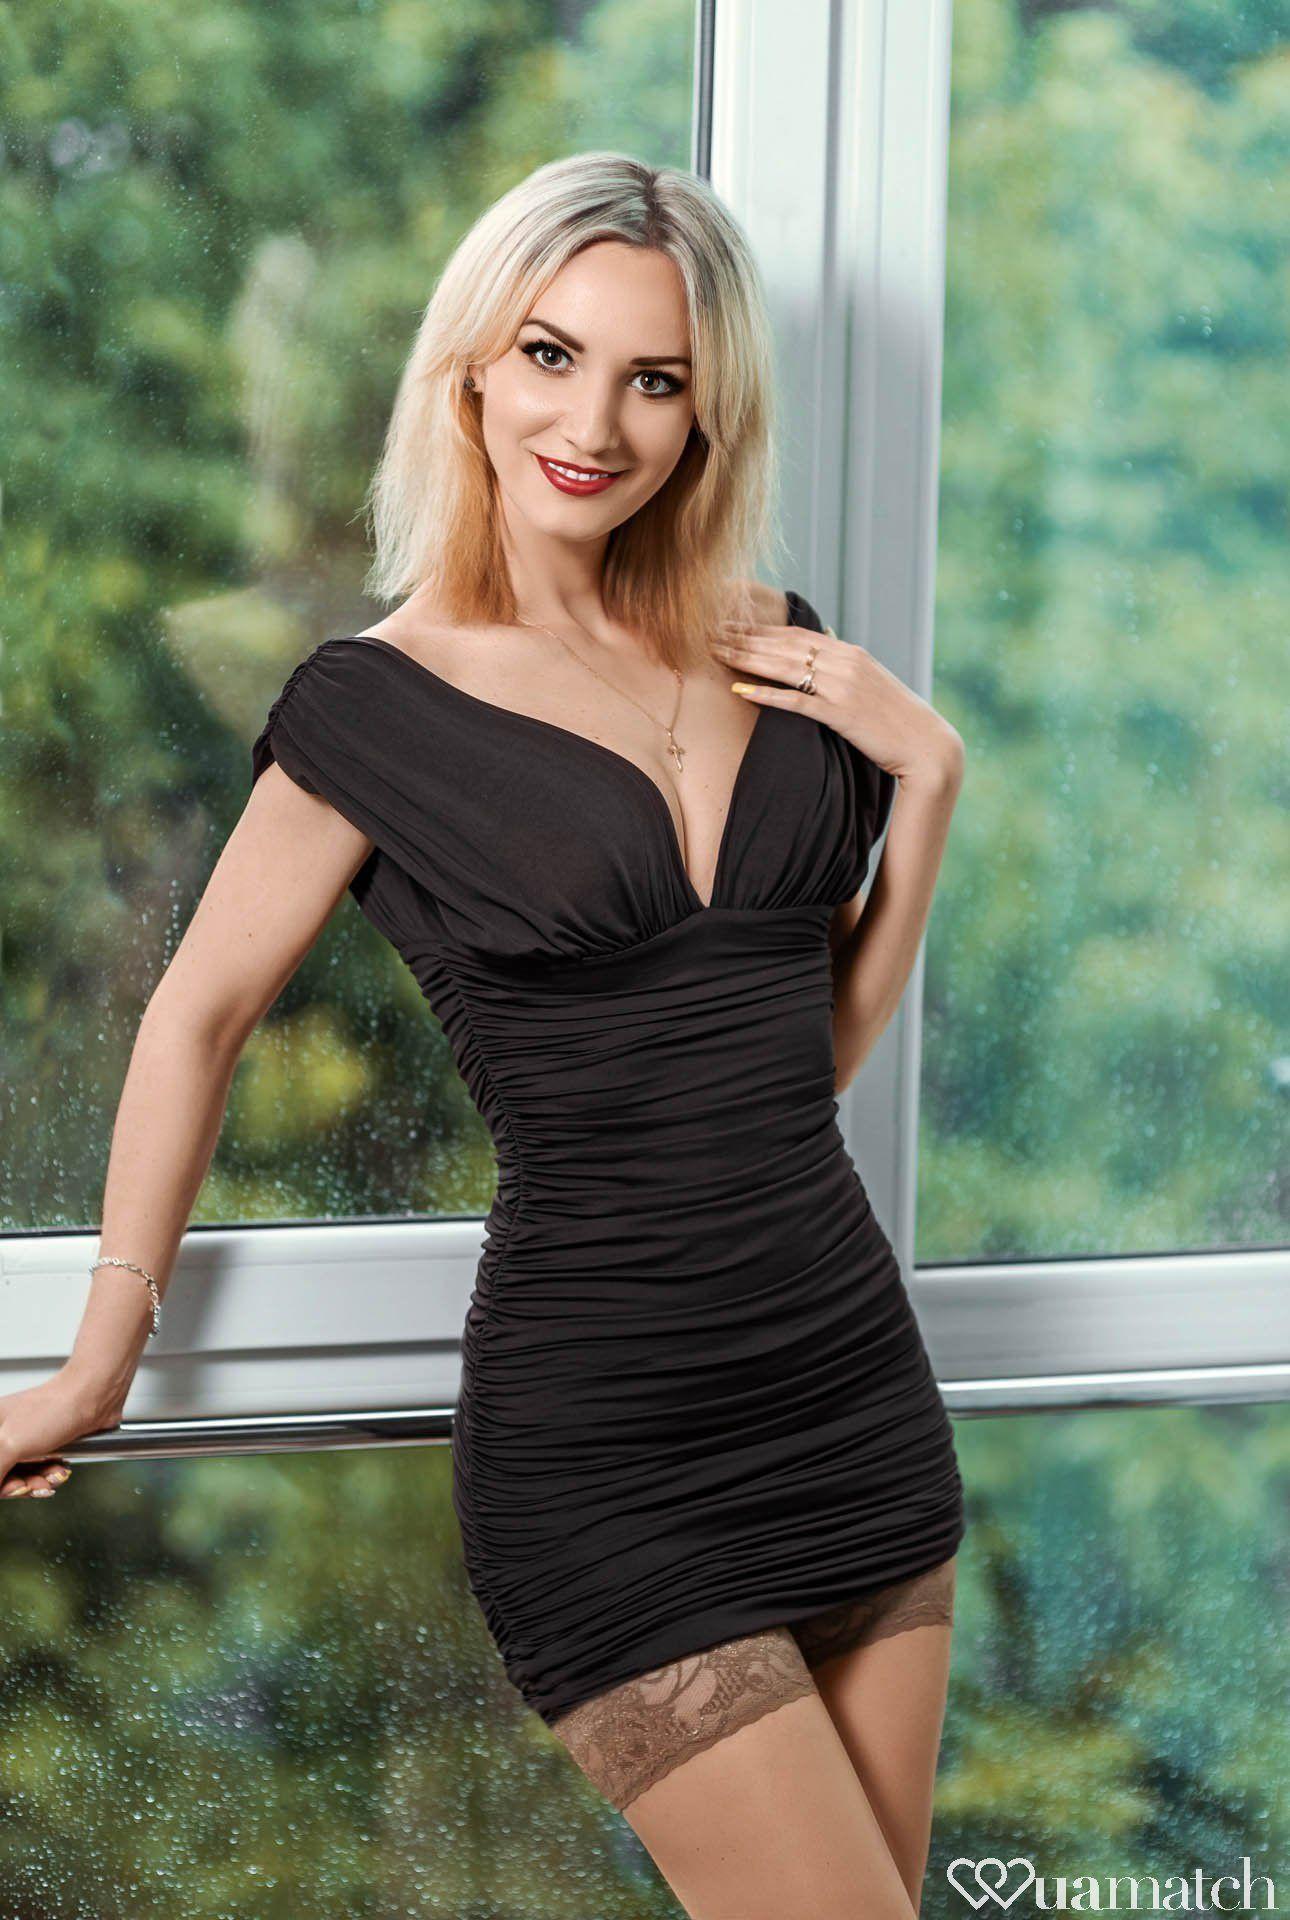 best of Wife Girls Ebony bride ukrainian marriage